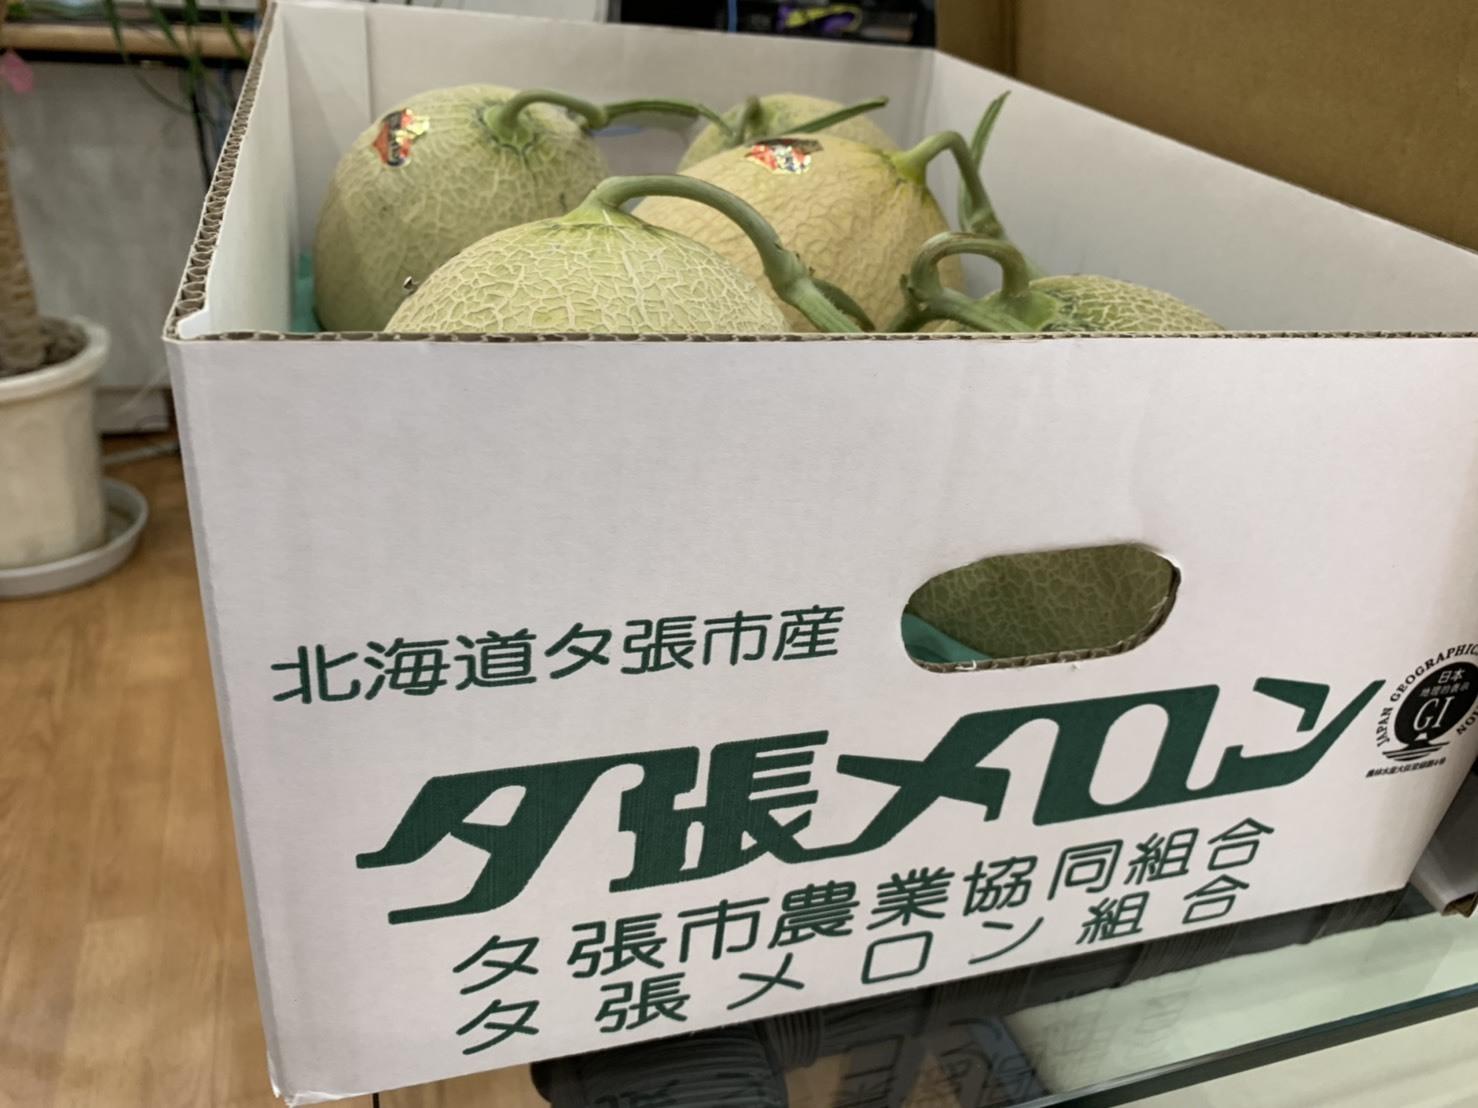 8月6日(火)本店ブログ♪ タントカスタムX ありますよおおお ランクル ハマー アルファード♪ _b0127002_20250709.jpg